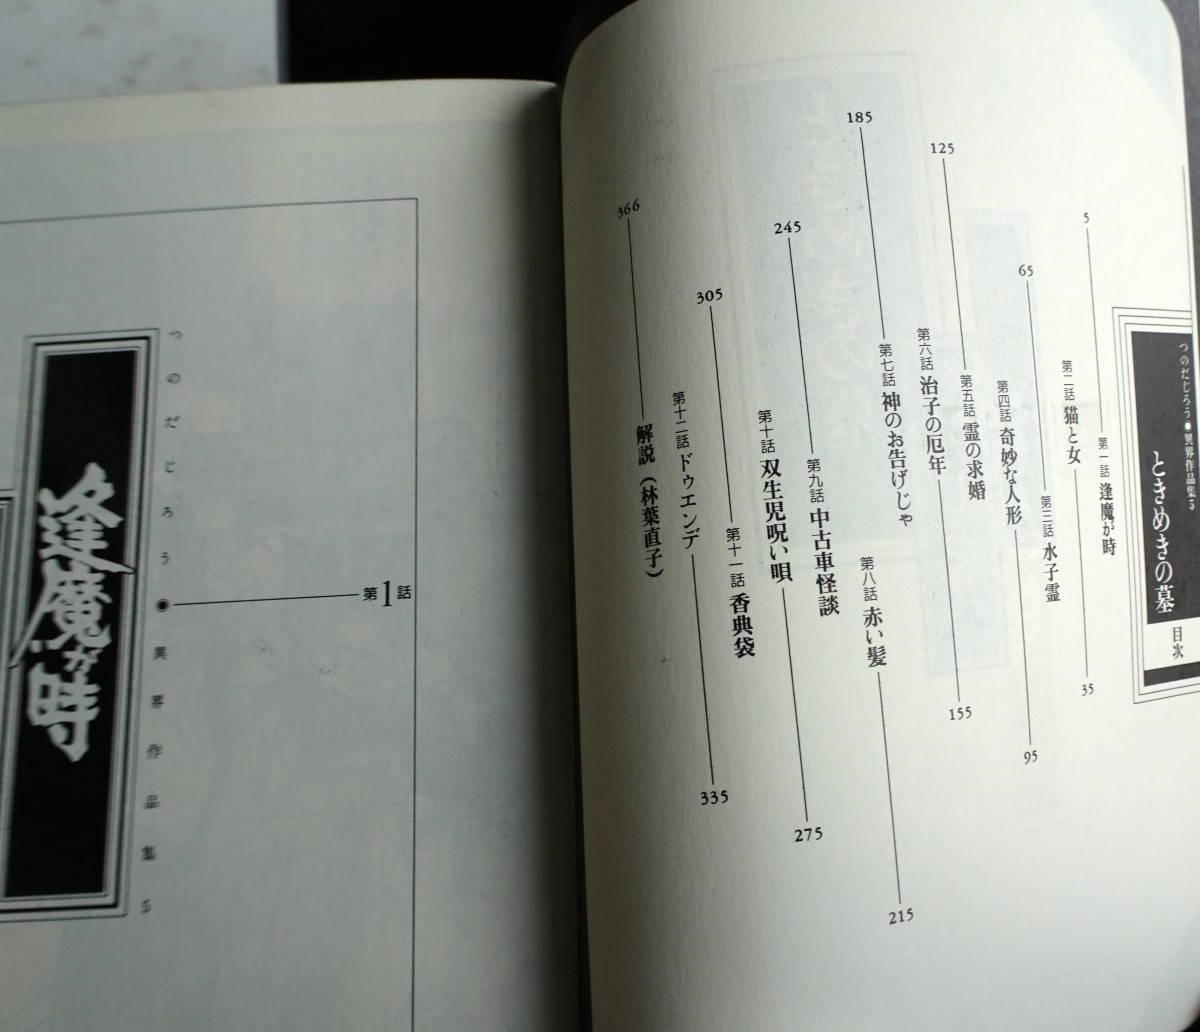 【文庫版】つのだ じろう 異界作品集 全5巻セット メギドの火・呪凶介PSI(サイ)霊査室・ときめきの墓 送料無料